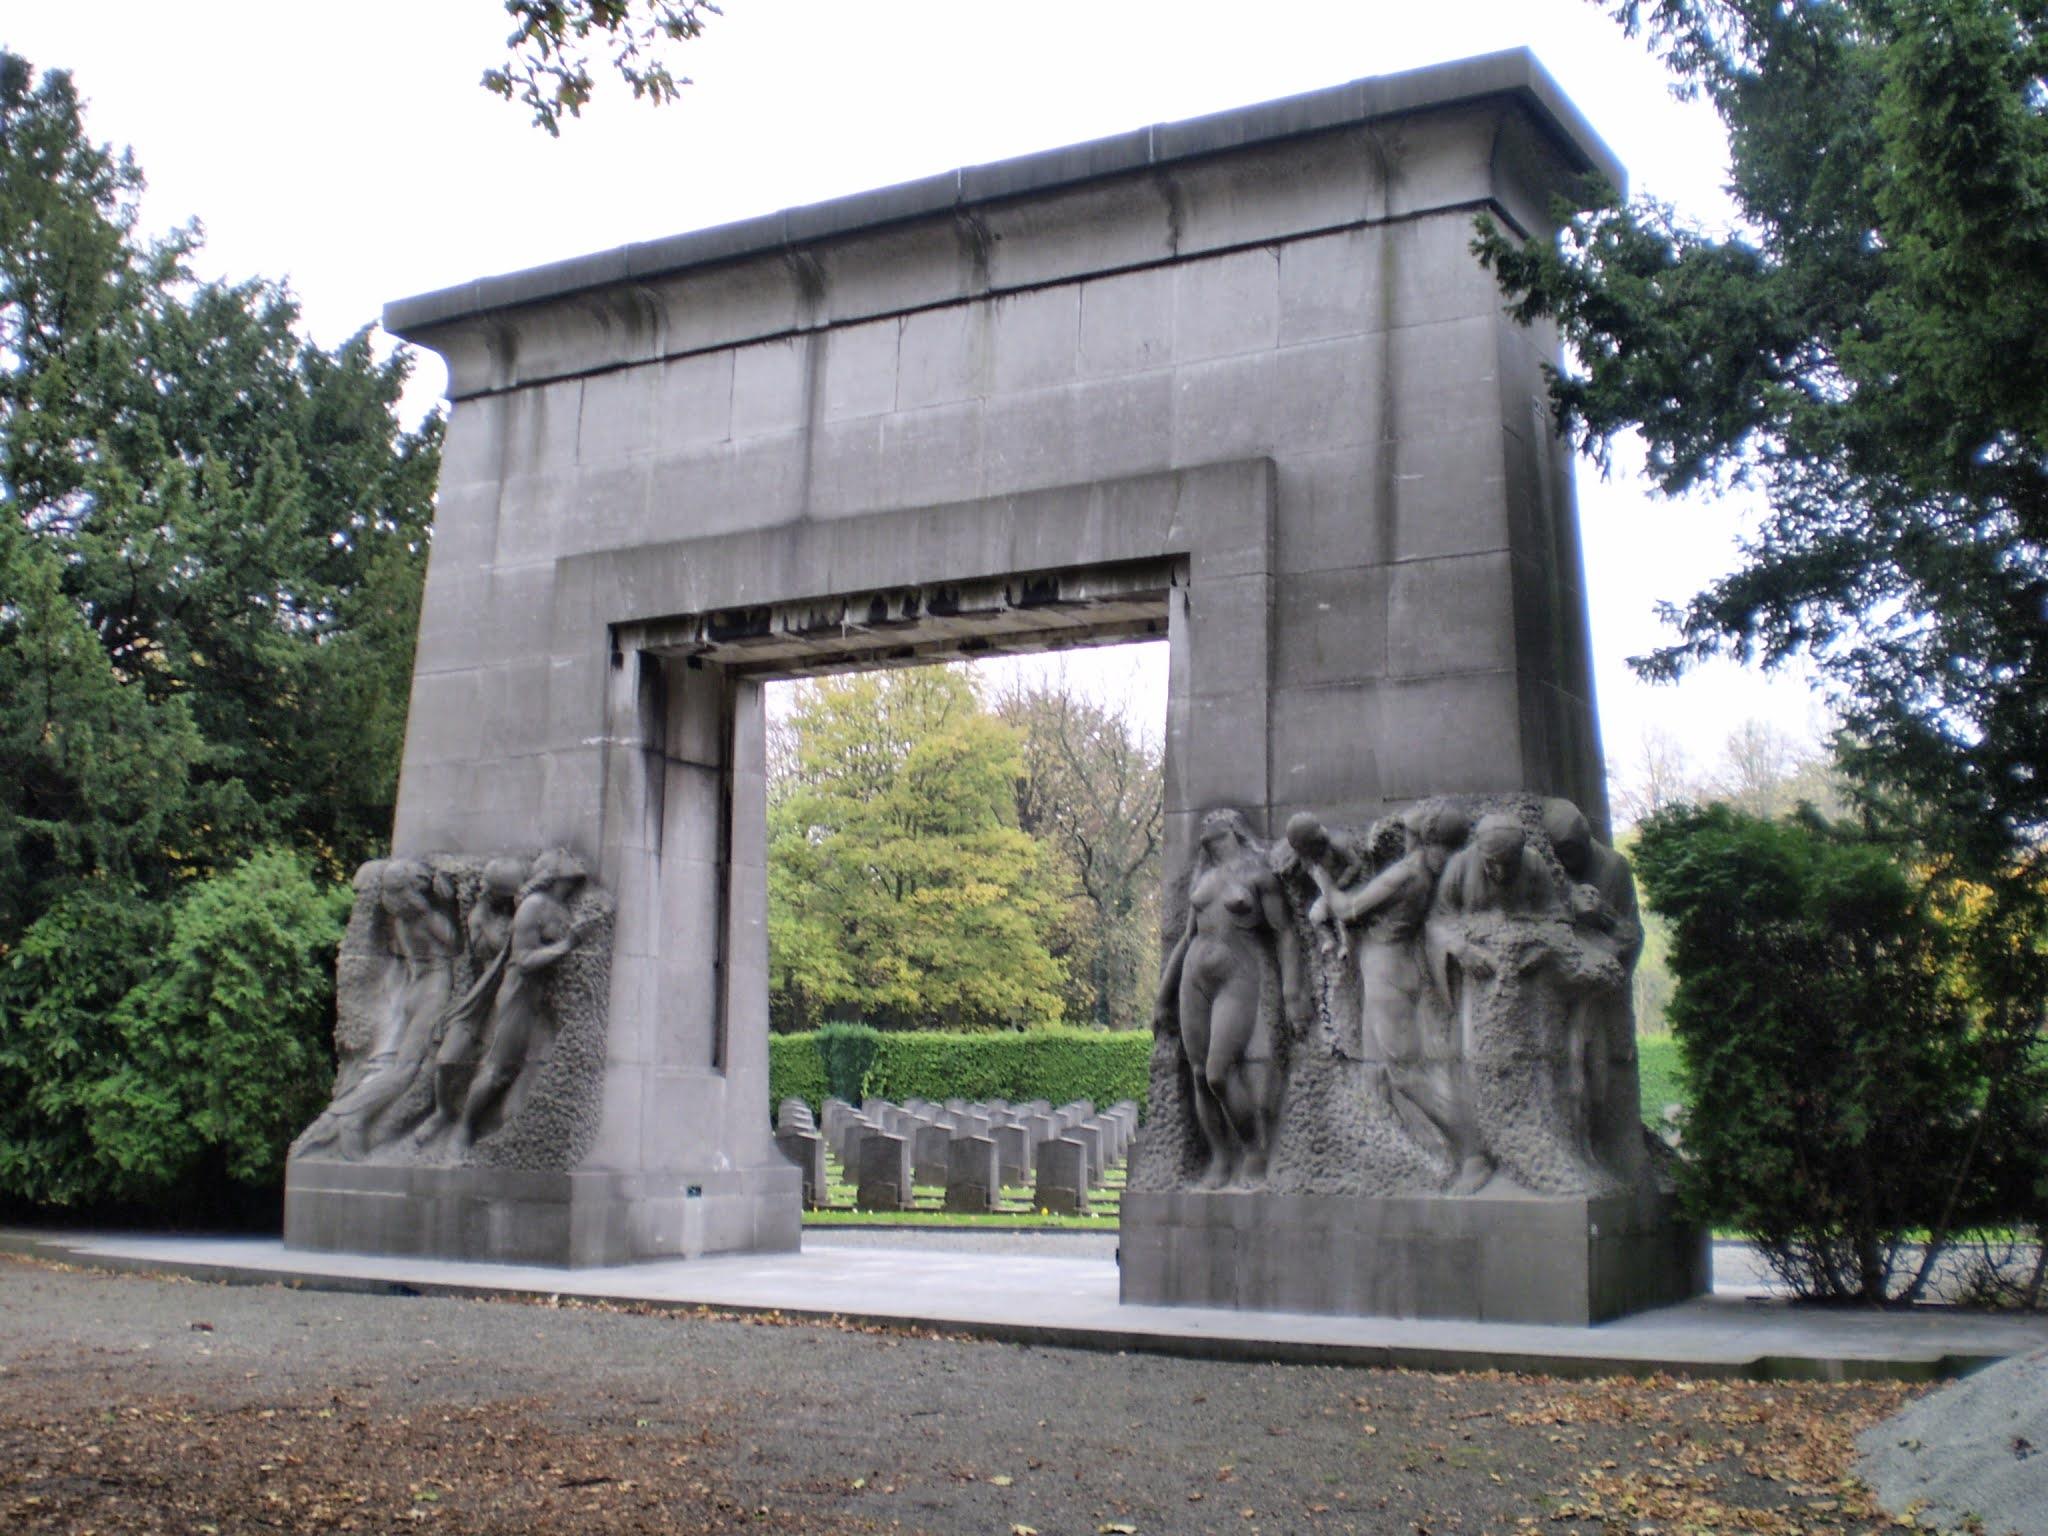 Cemetery of Brussels (Brussels, Belgium)